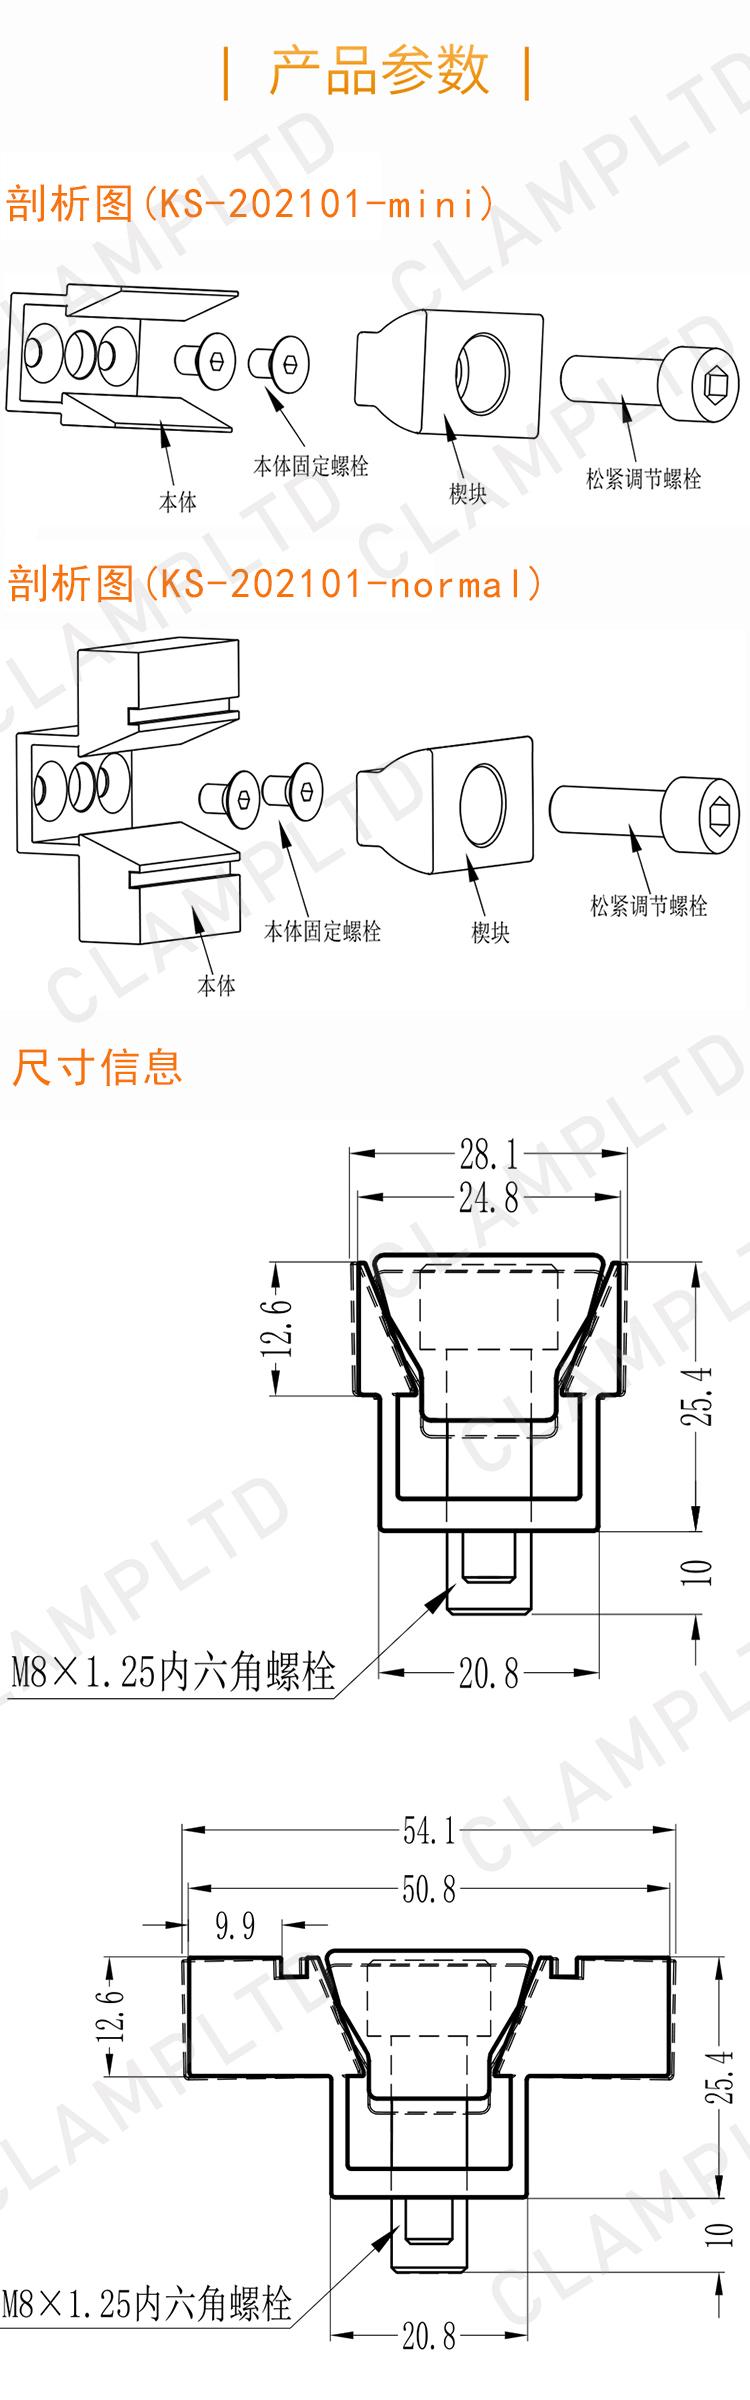 精巧型虎钳、双面固定夹具 夹具附件 第2张